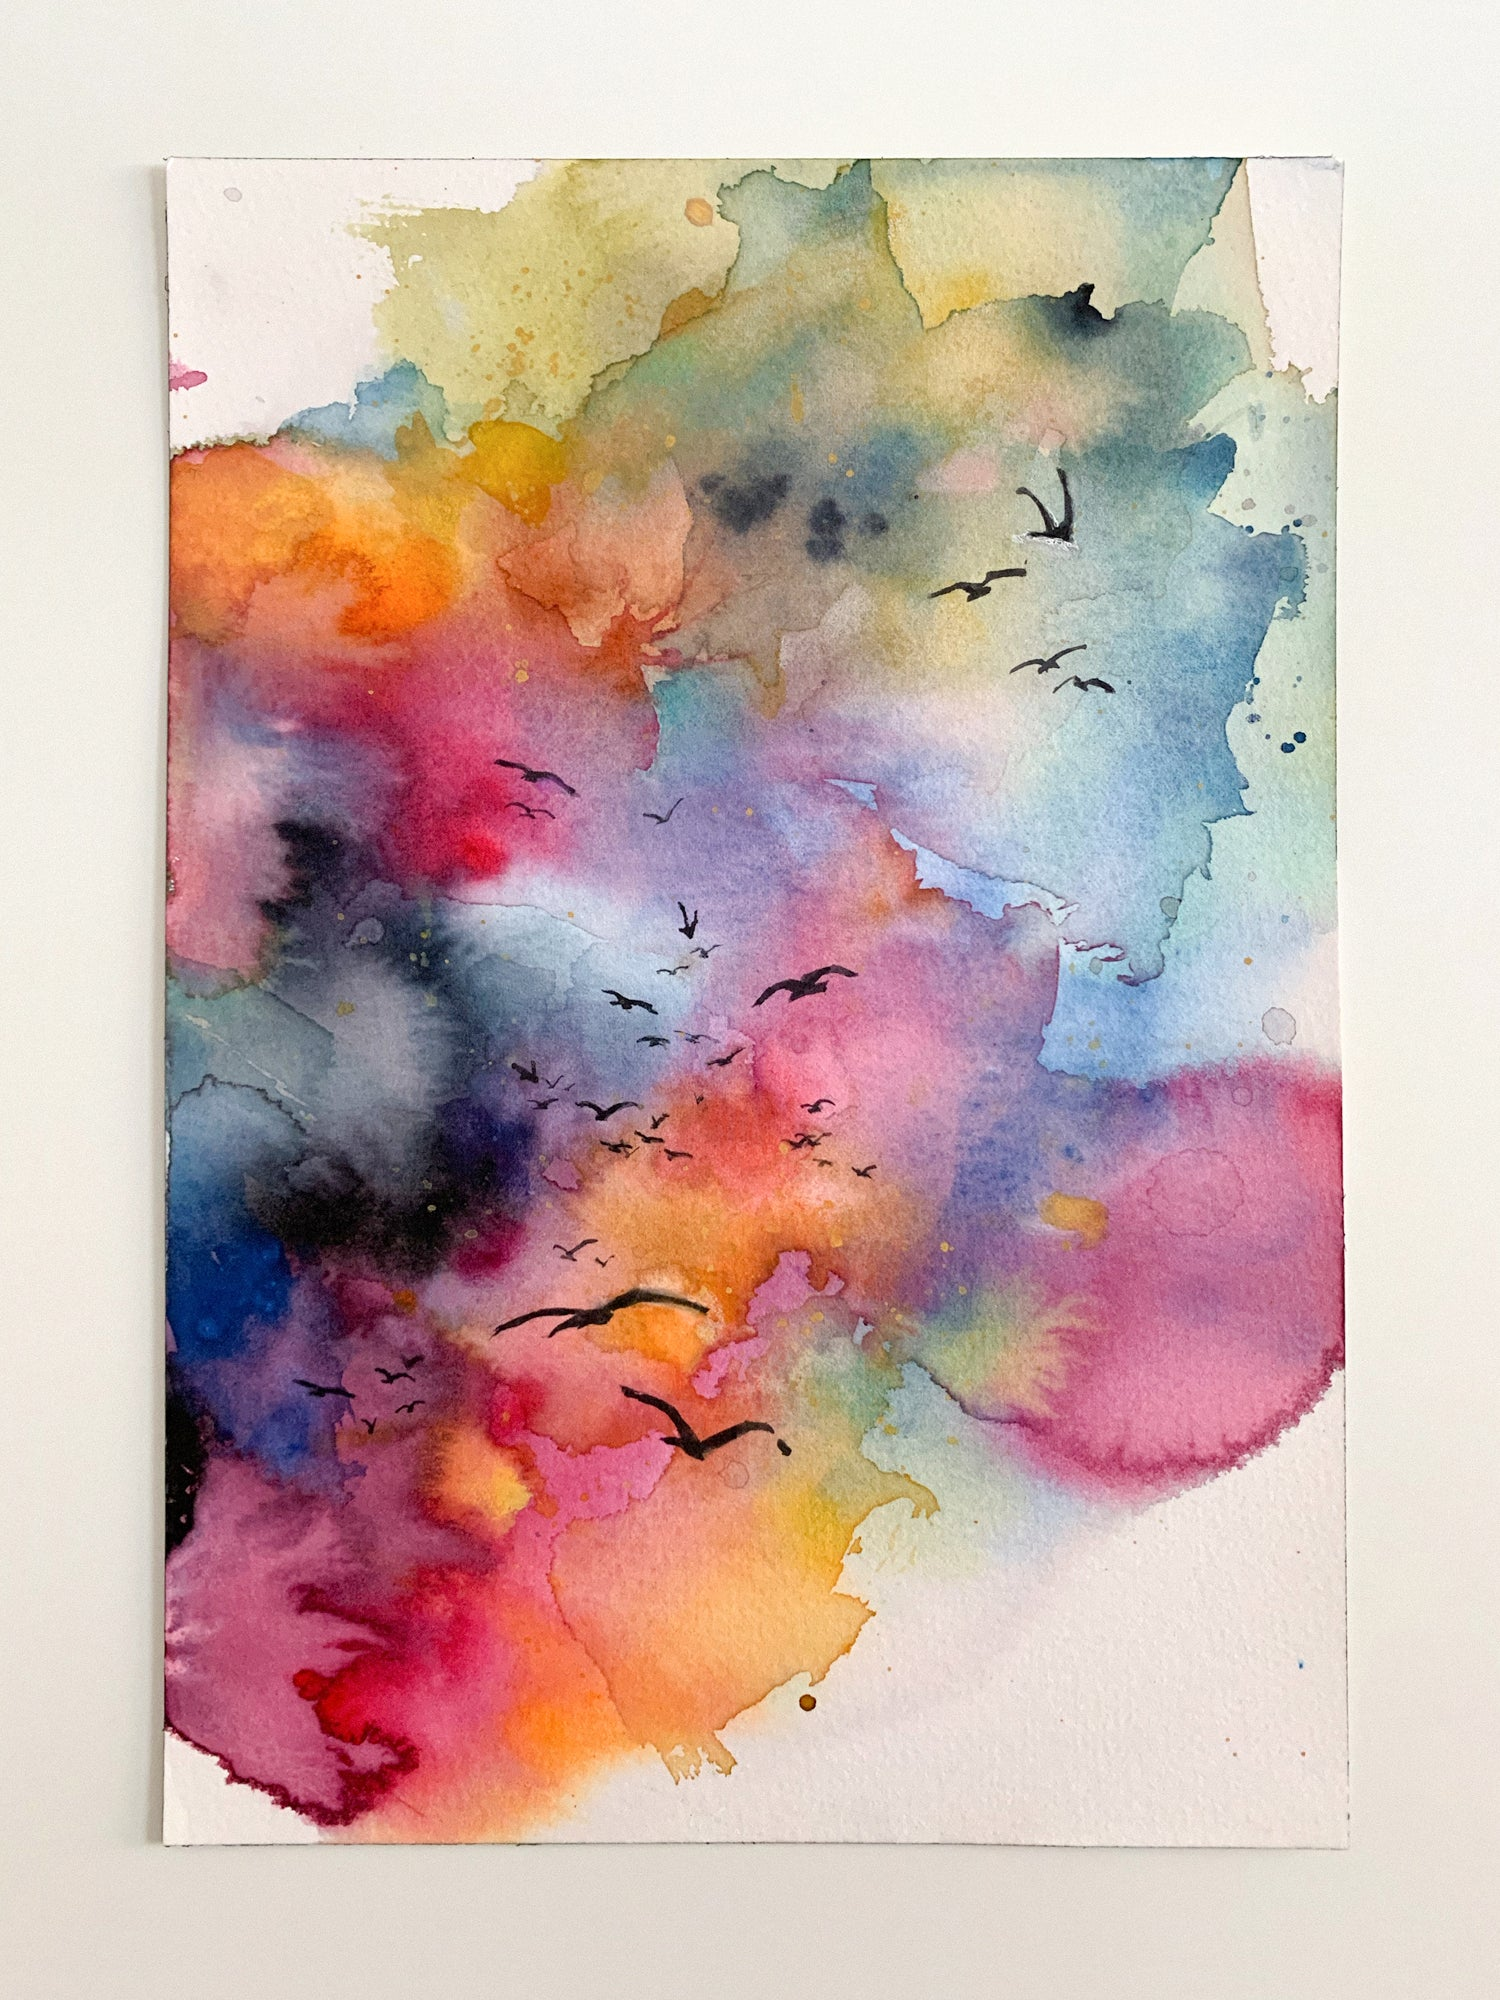 Agnes-Cecile rainbow skies